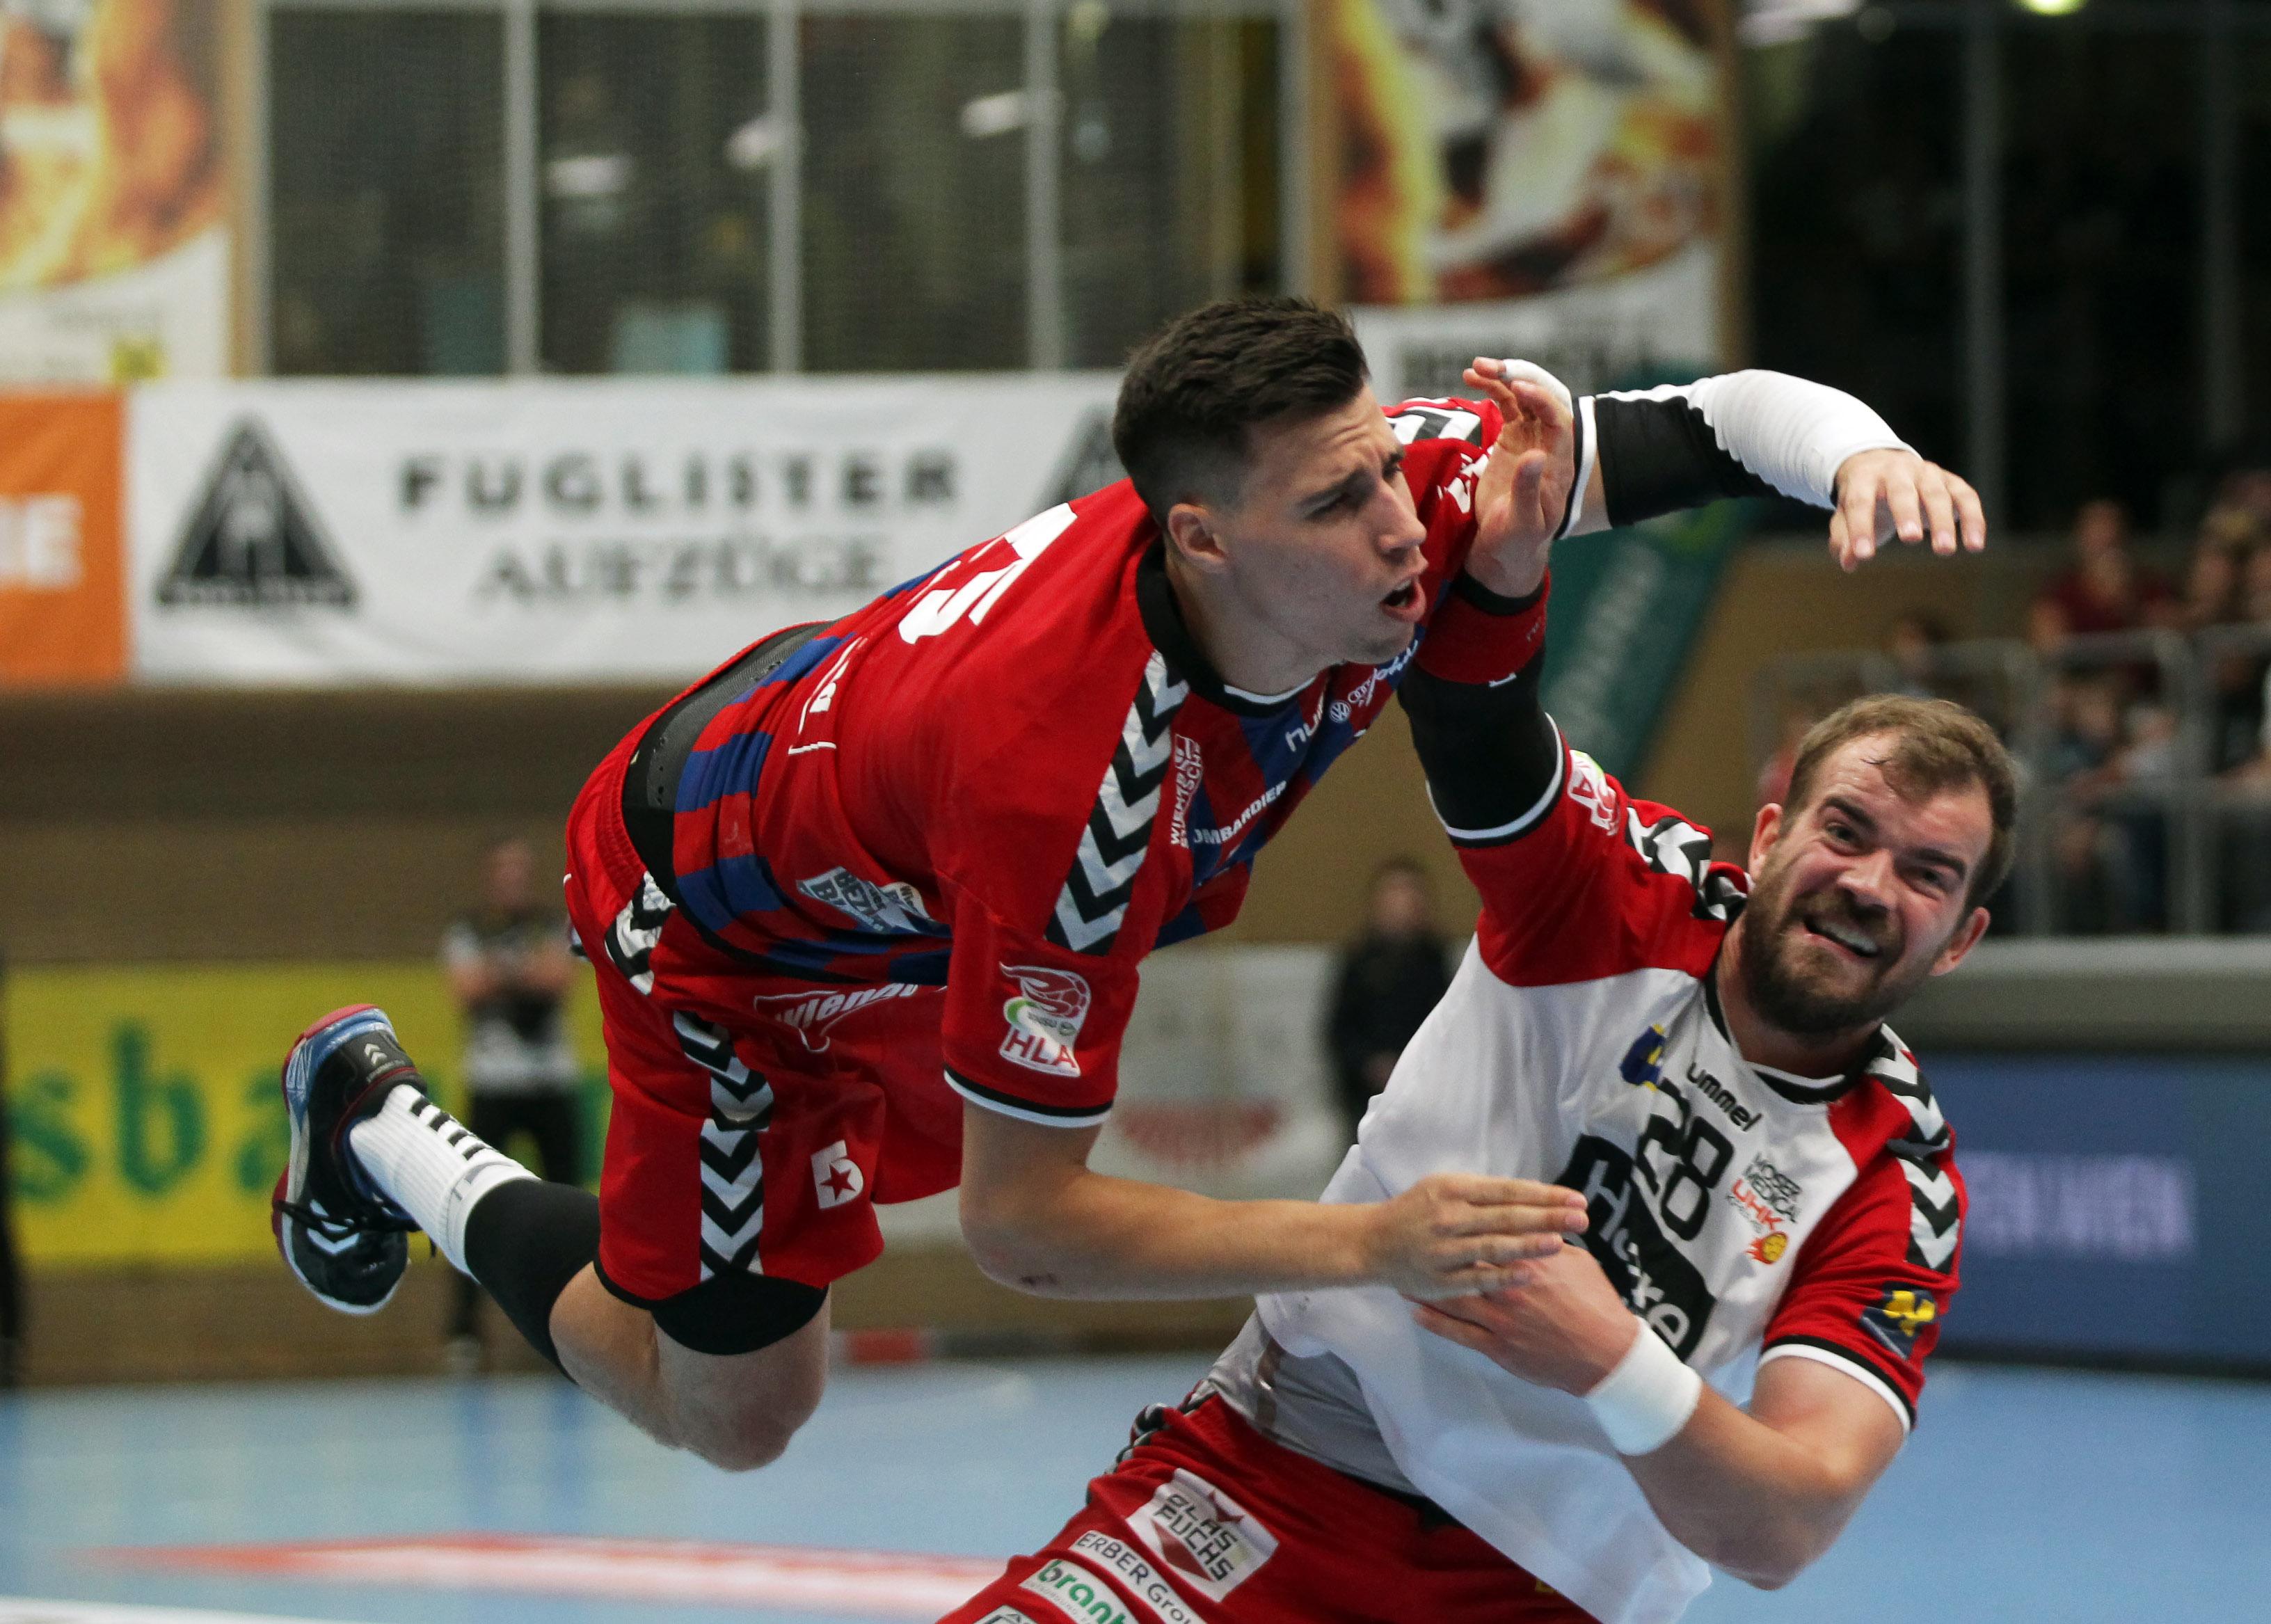 15.05.2018 Handball, HLA, Fivers - Krems, Ivan Martinovic , Sebastian Feichtinger ,Copyright DIENER / Philipp Schalber